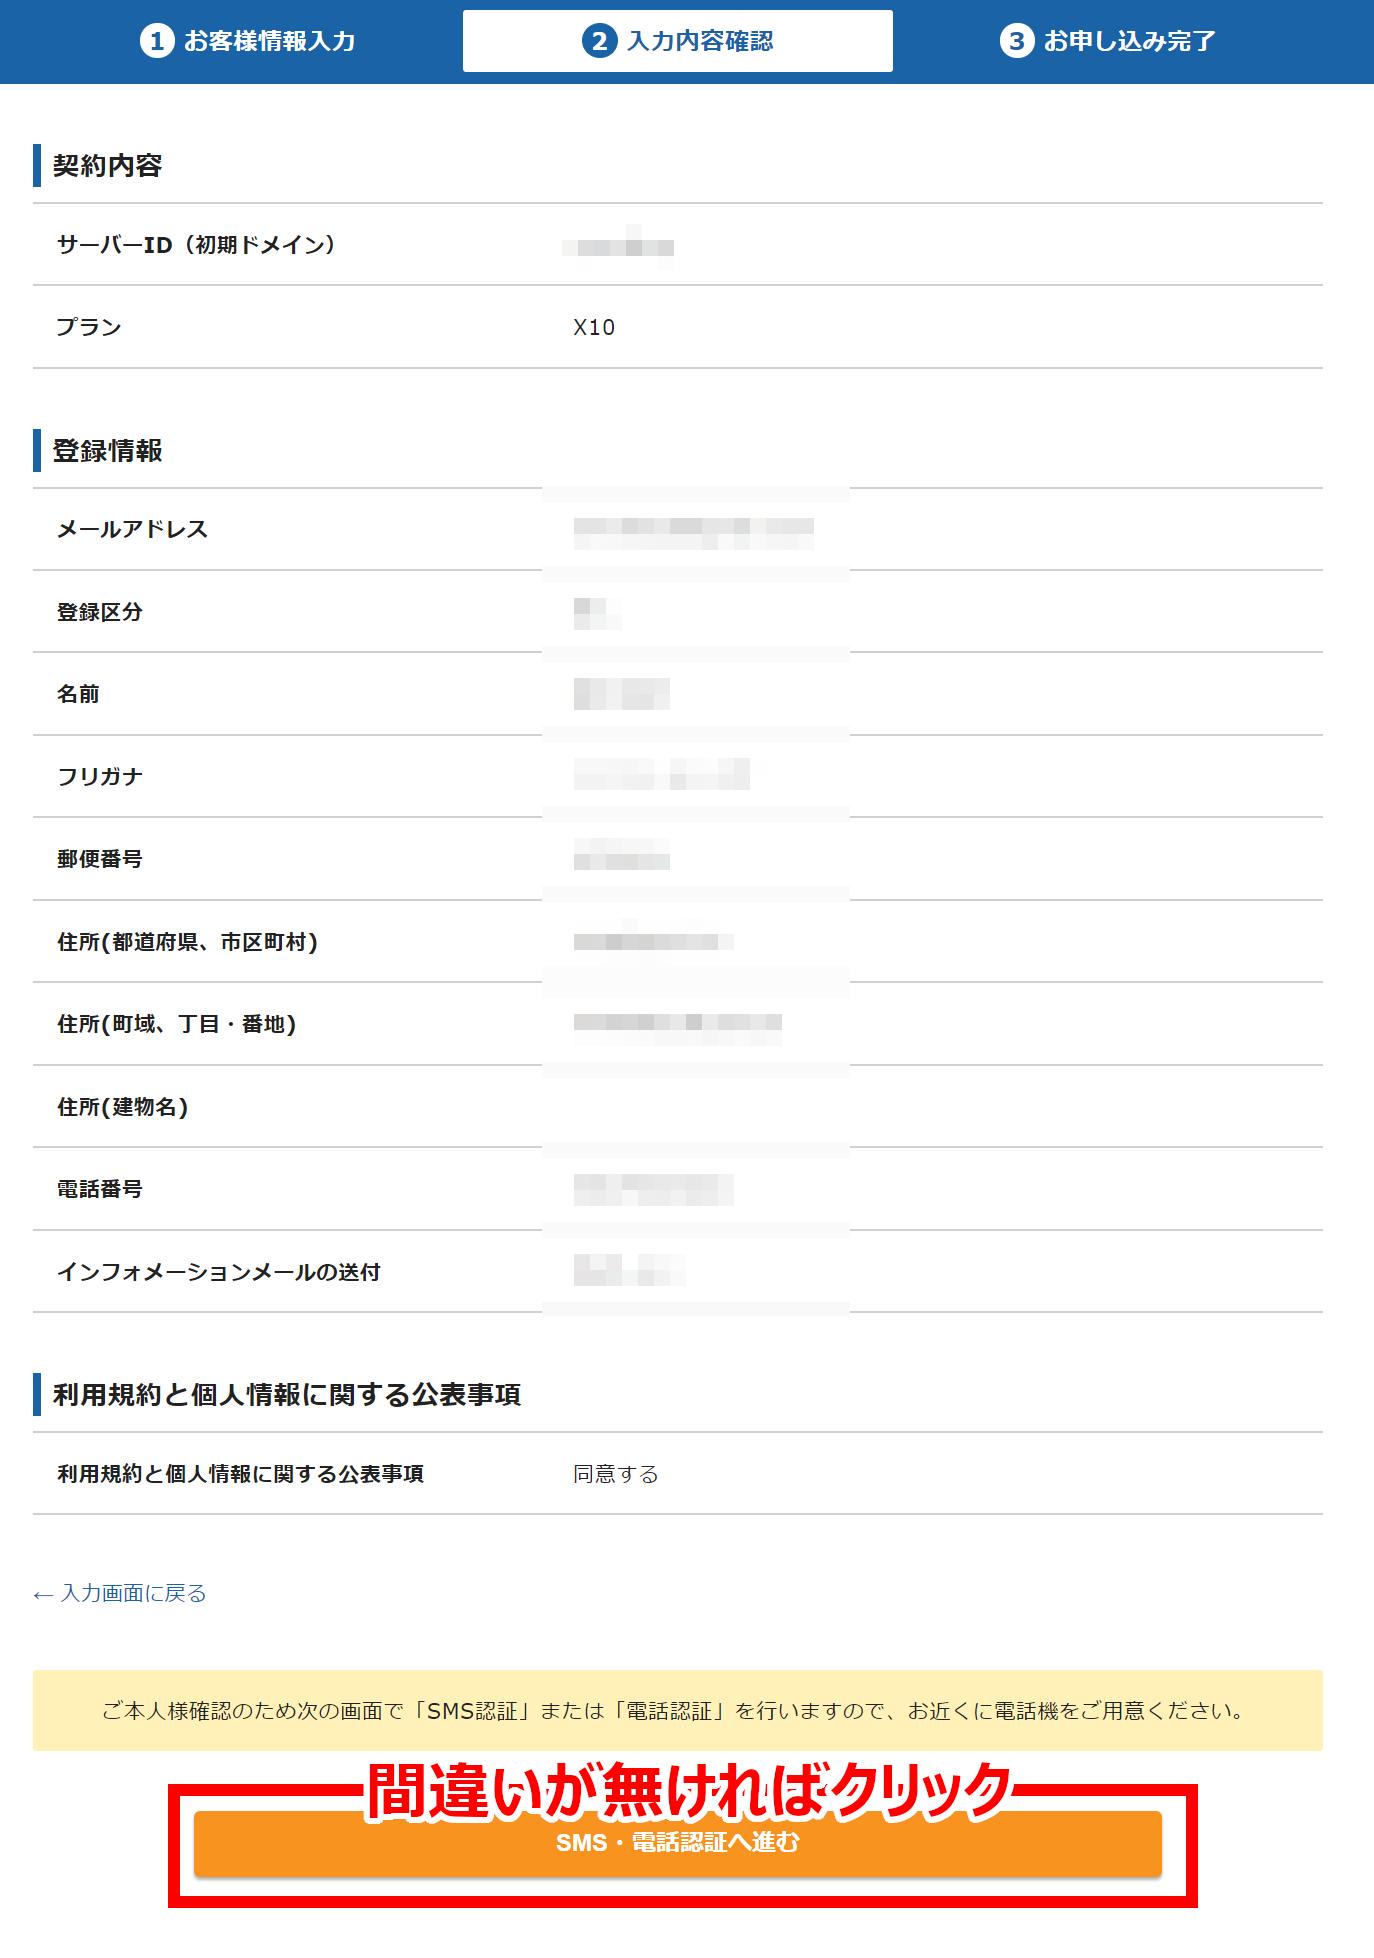 エックスサーバー「お申込み内容確認画面」